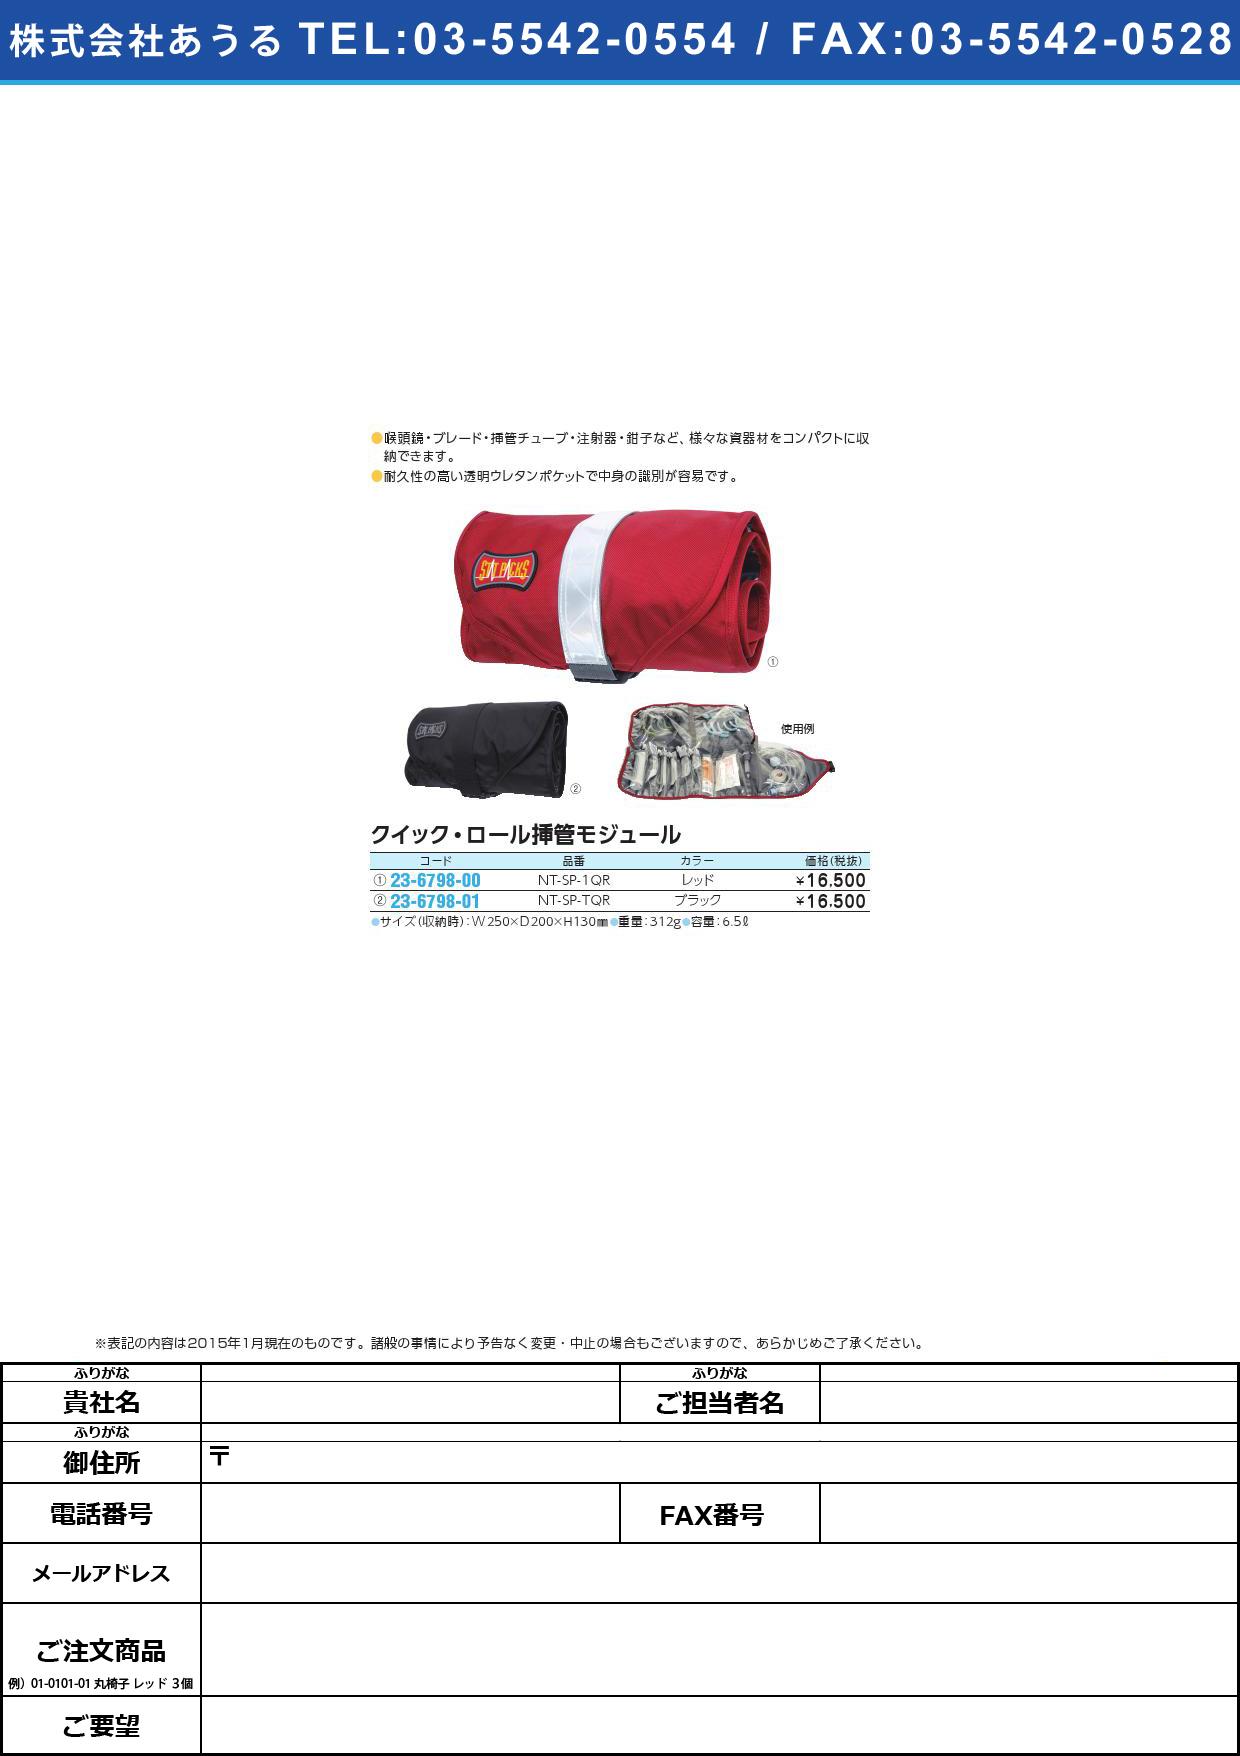 クイック・ロール挿管モジュール クイックロールソウカンモジュール NT-SP-1QR(レッド)【1個単位】(23-6798-00)